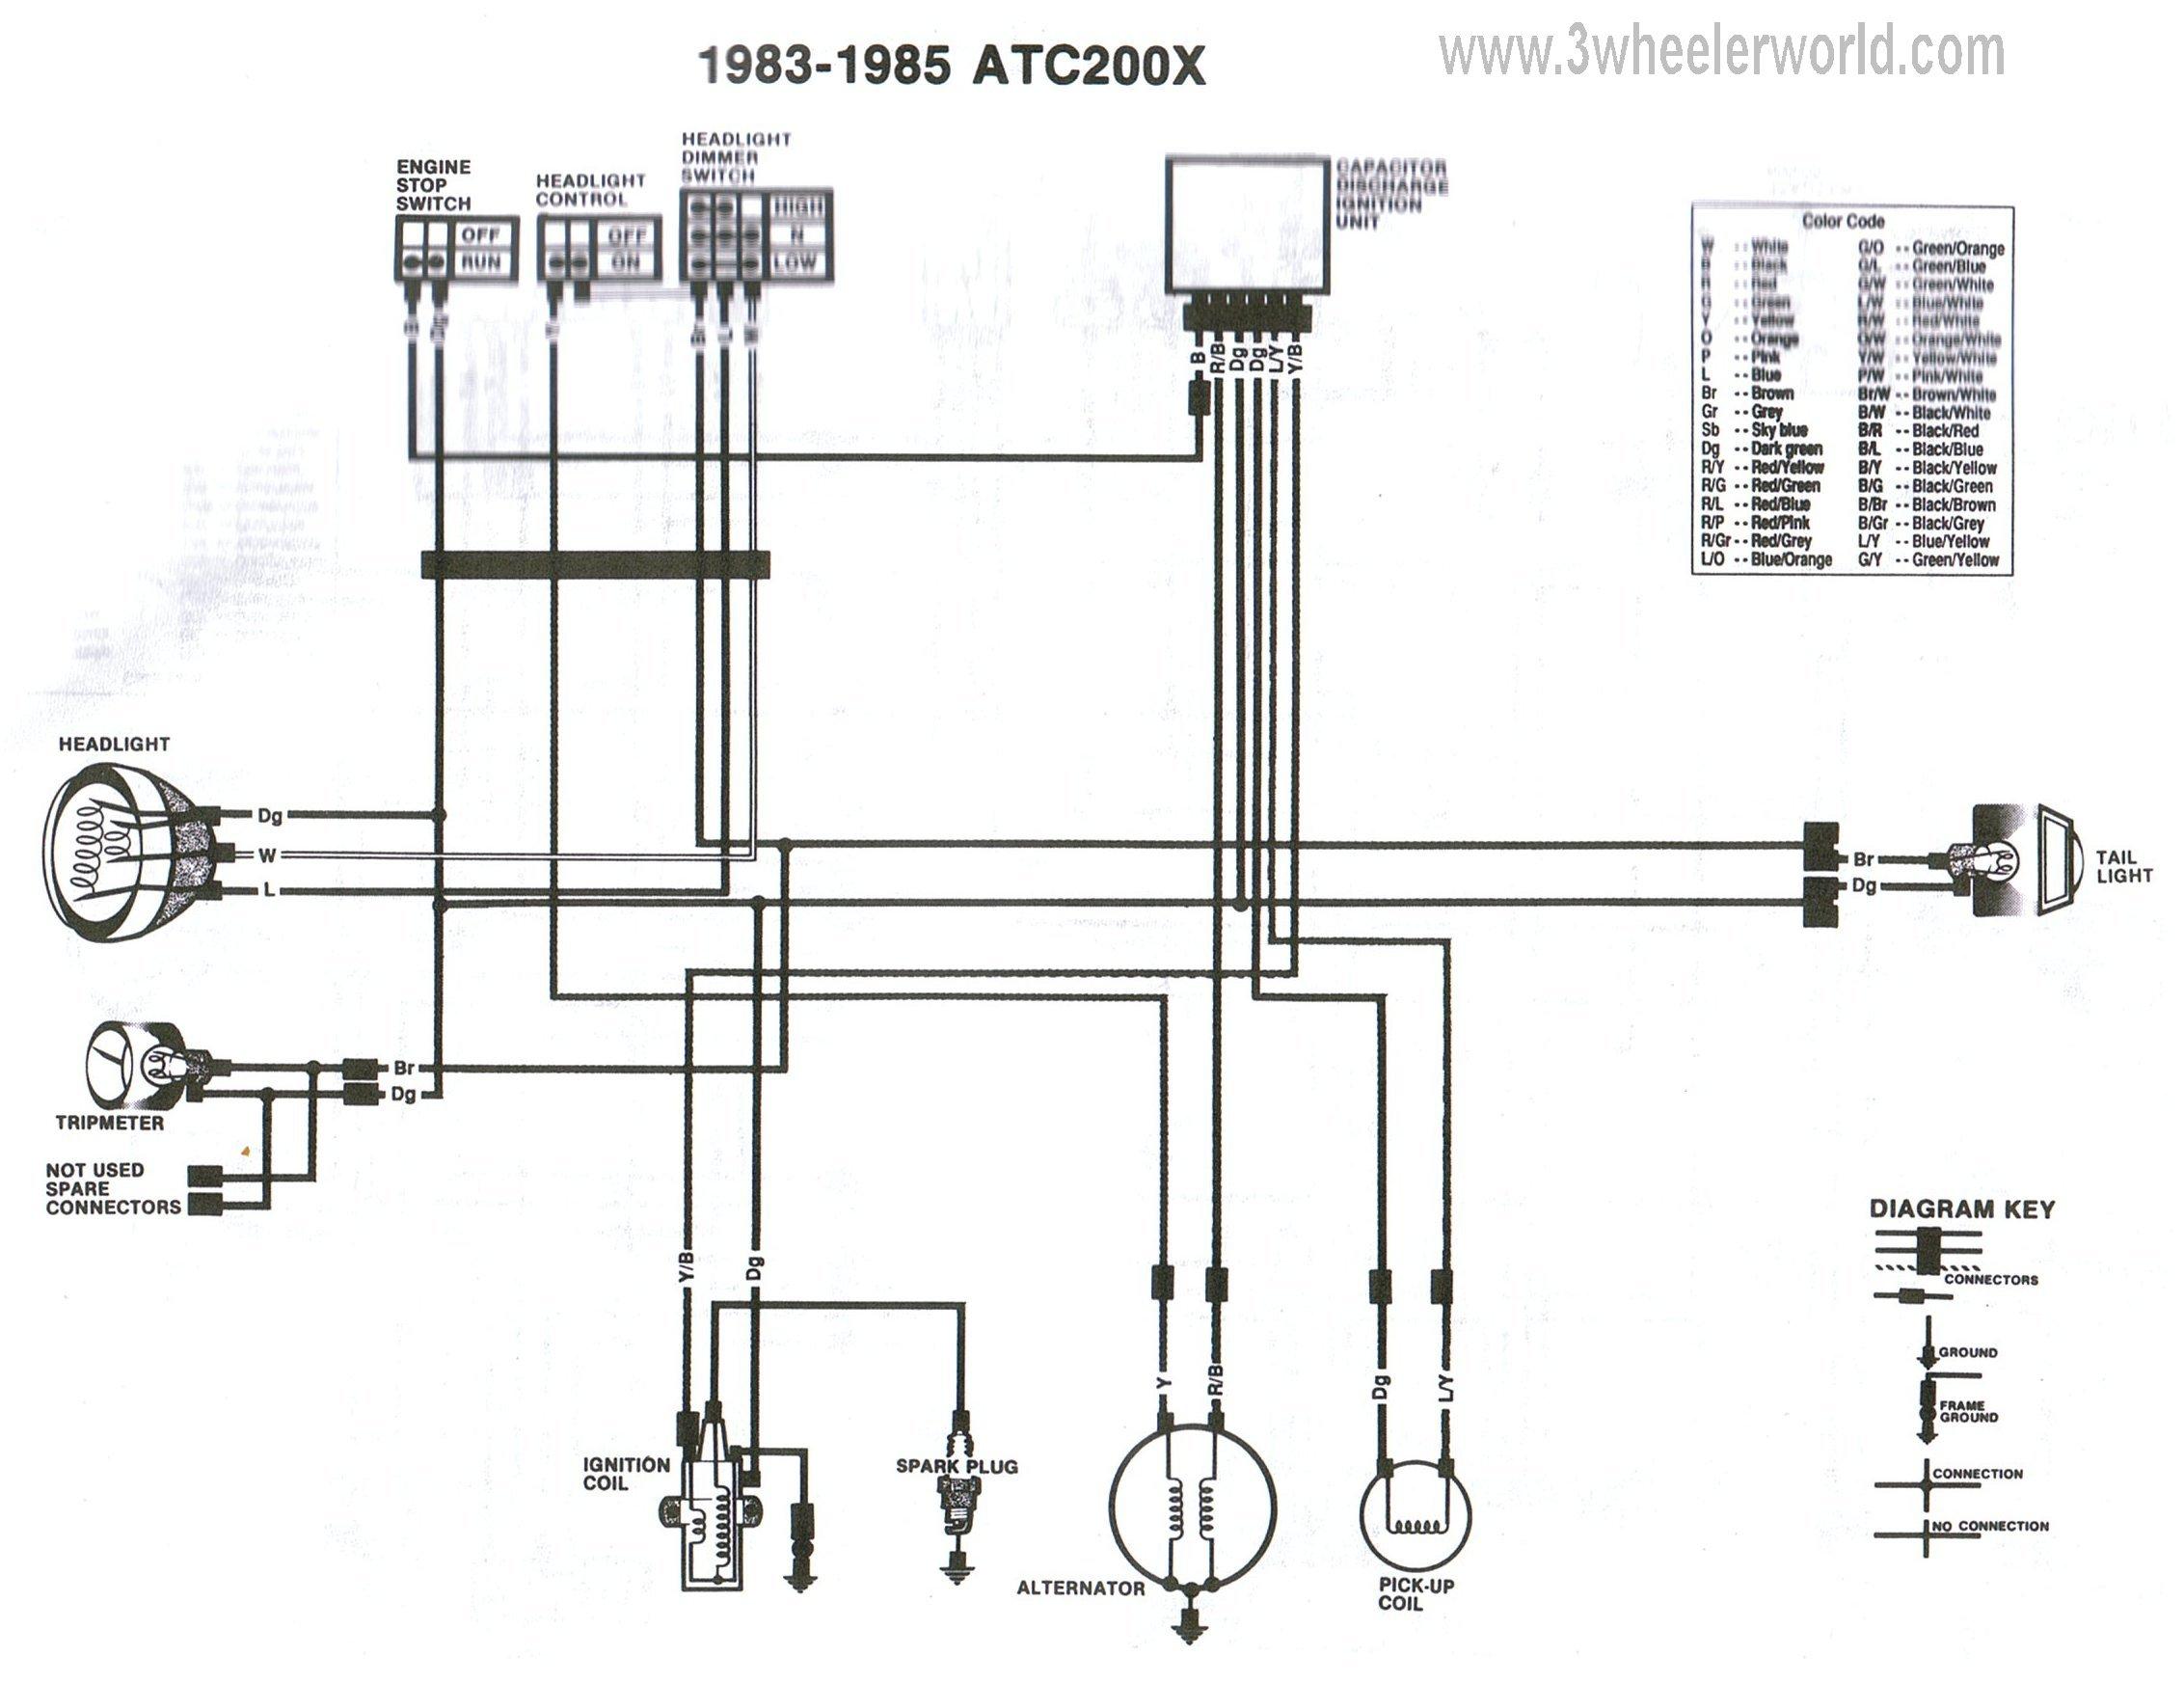 1985 goldwing wiring diagram 1985 honda goldwing wiring diagram wiring diagram  1985 honda goldwing wiring diagram